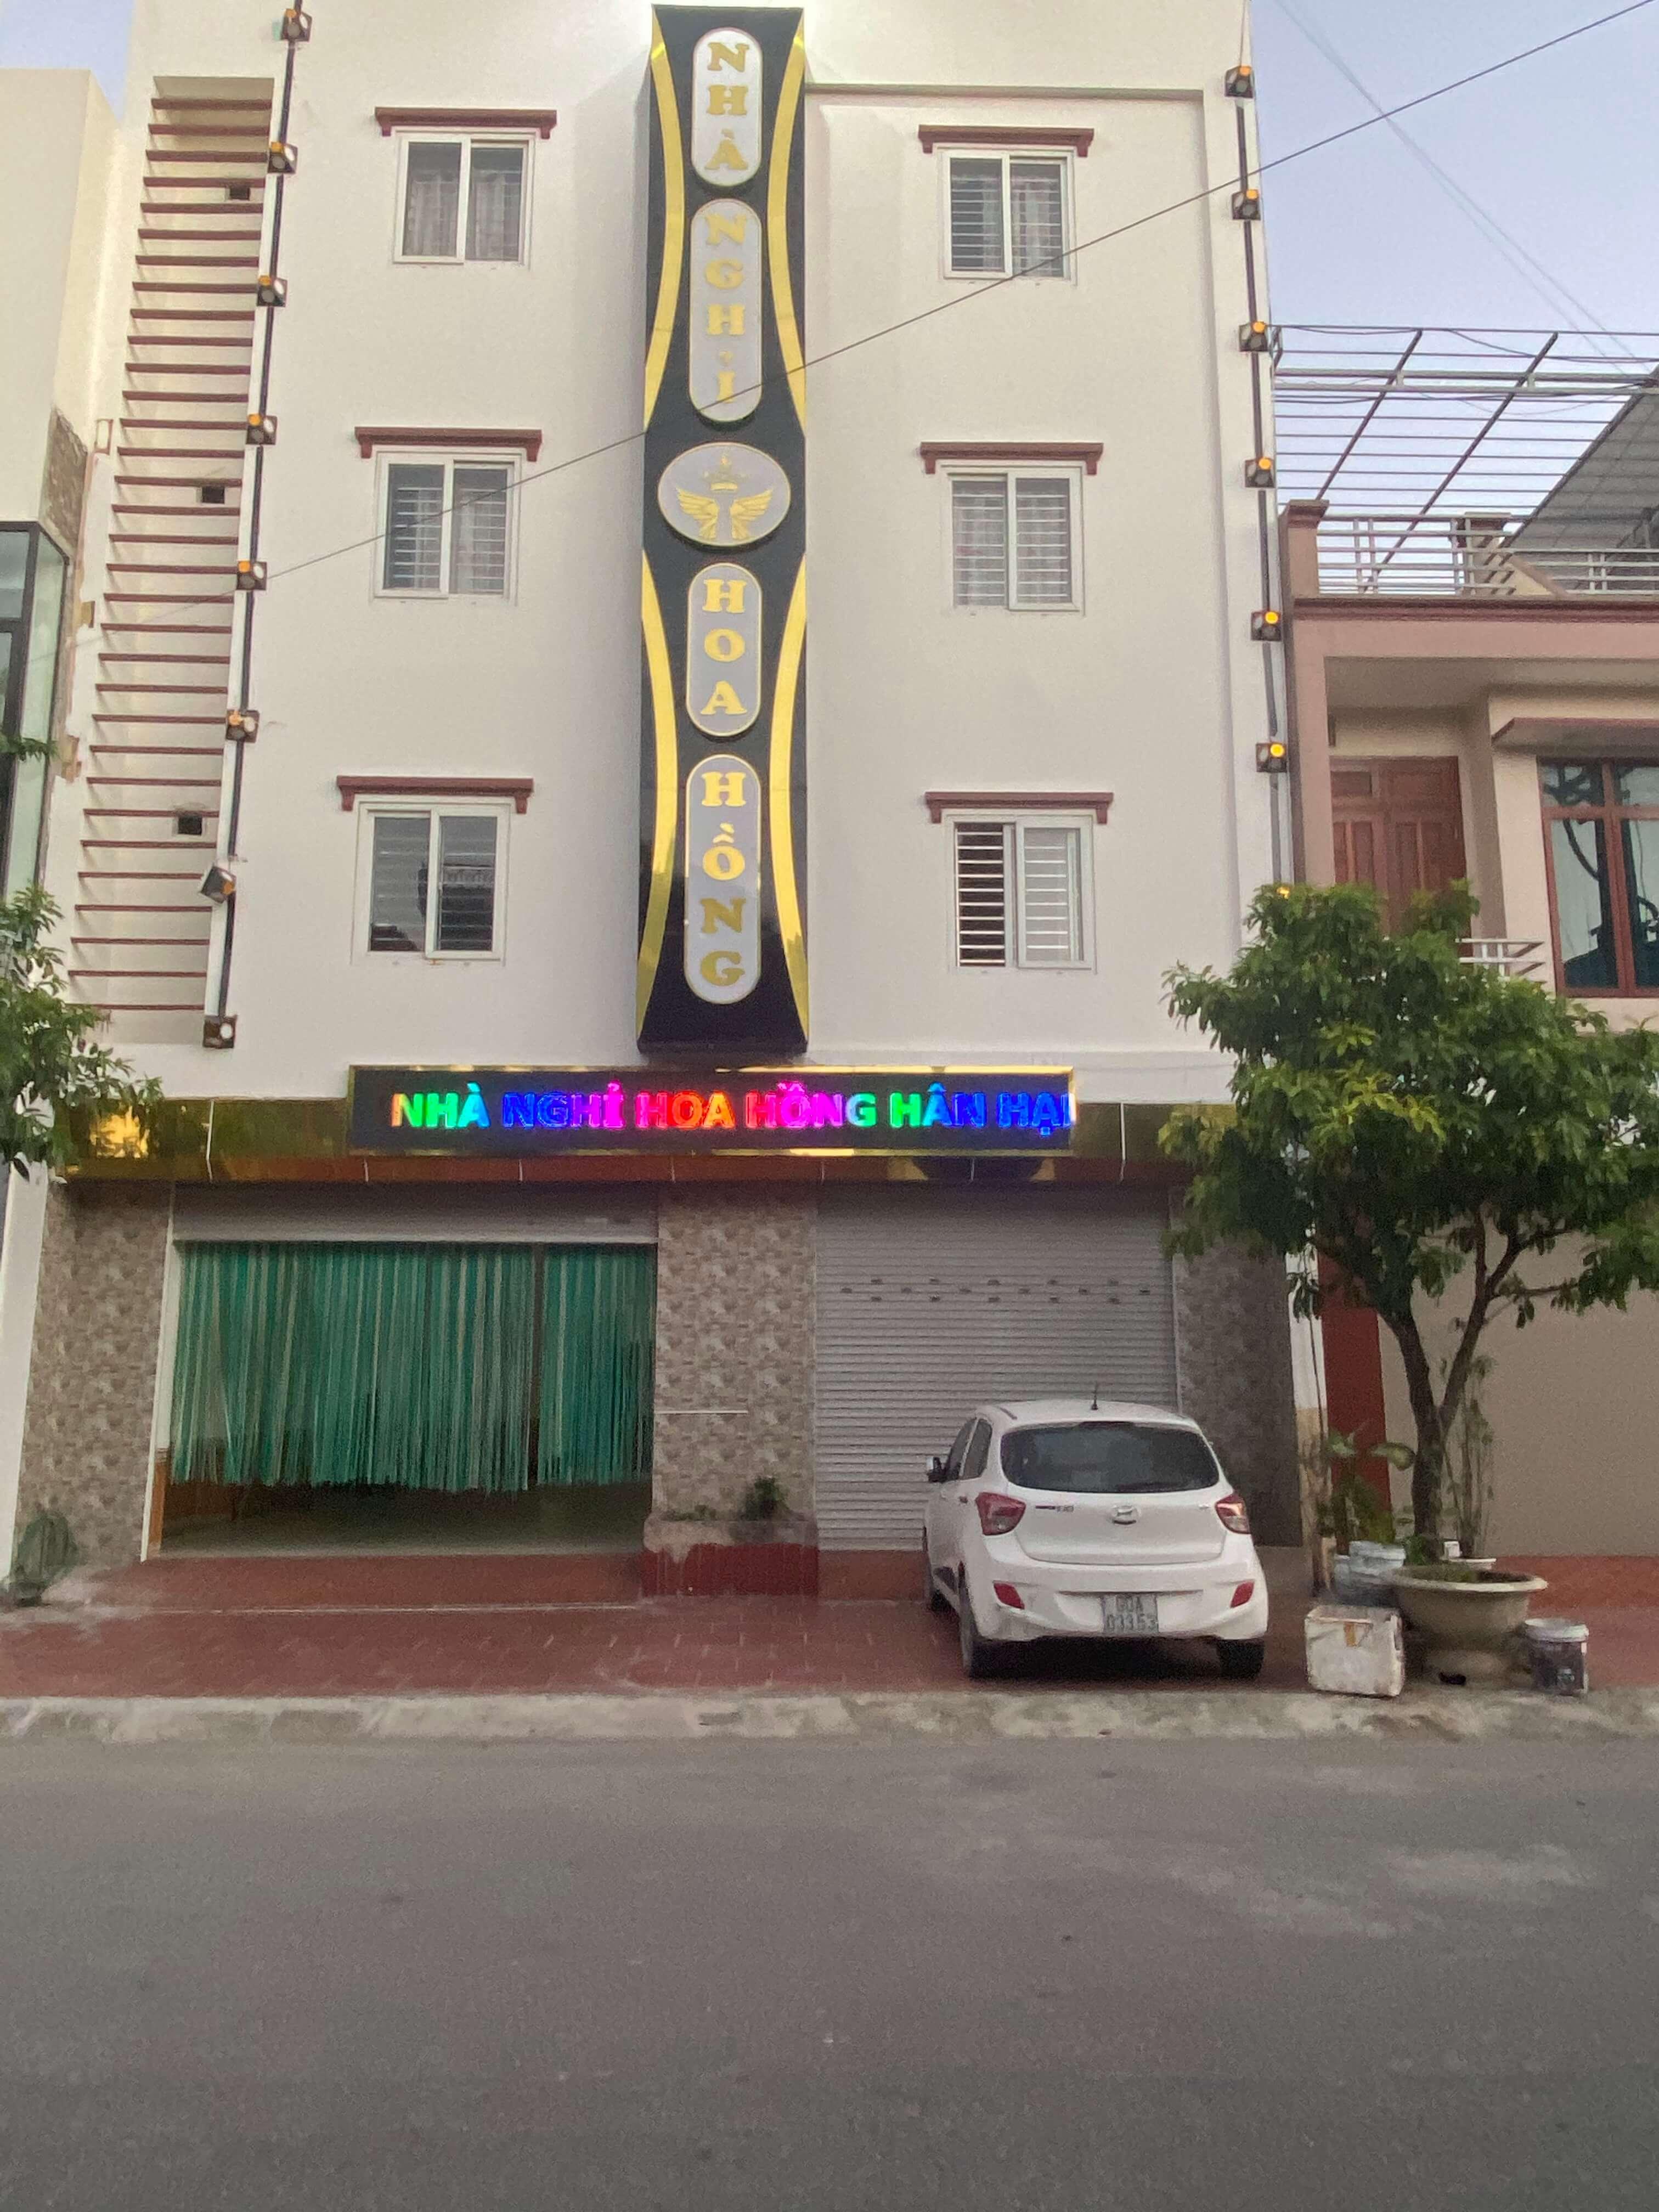 Nhà nghỉ Hoa Hồng